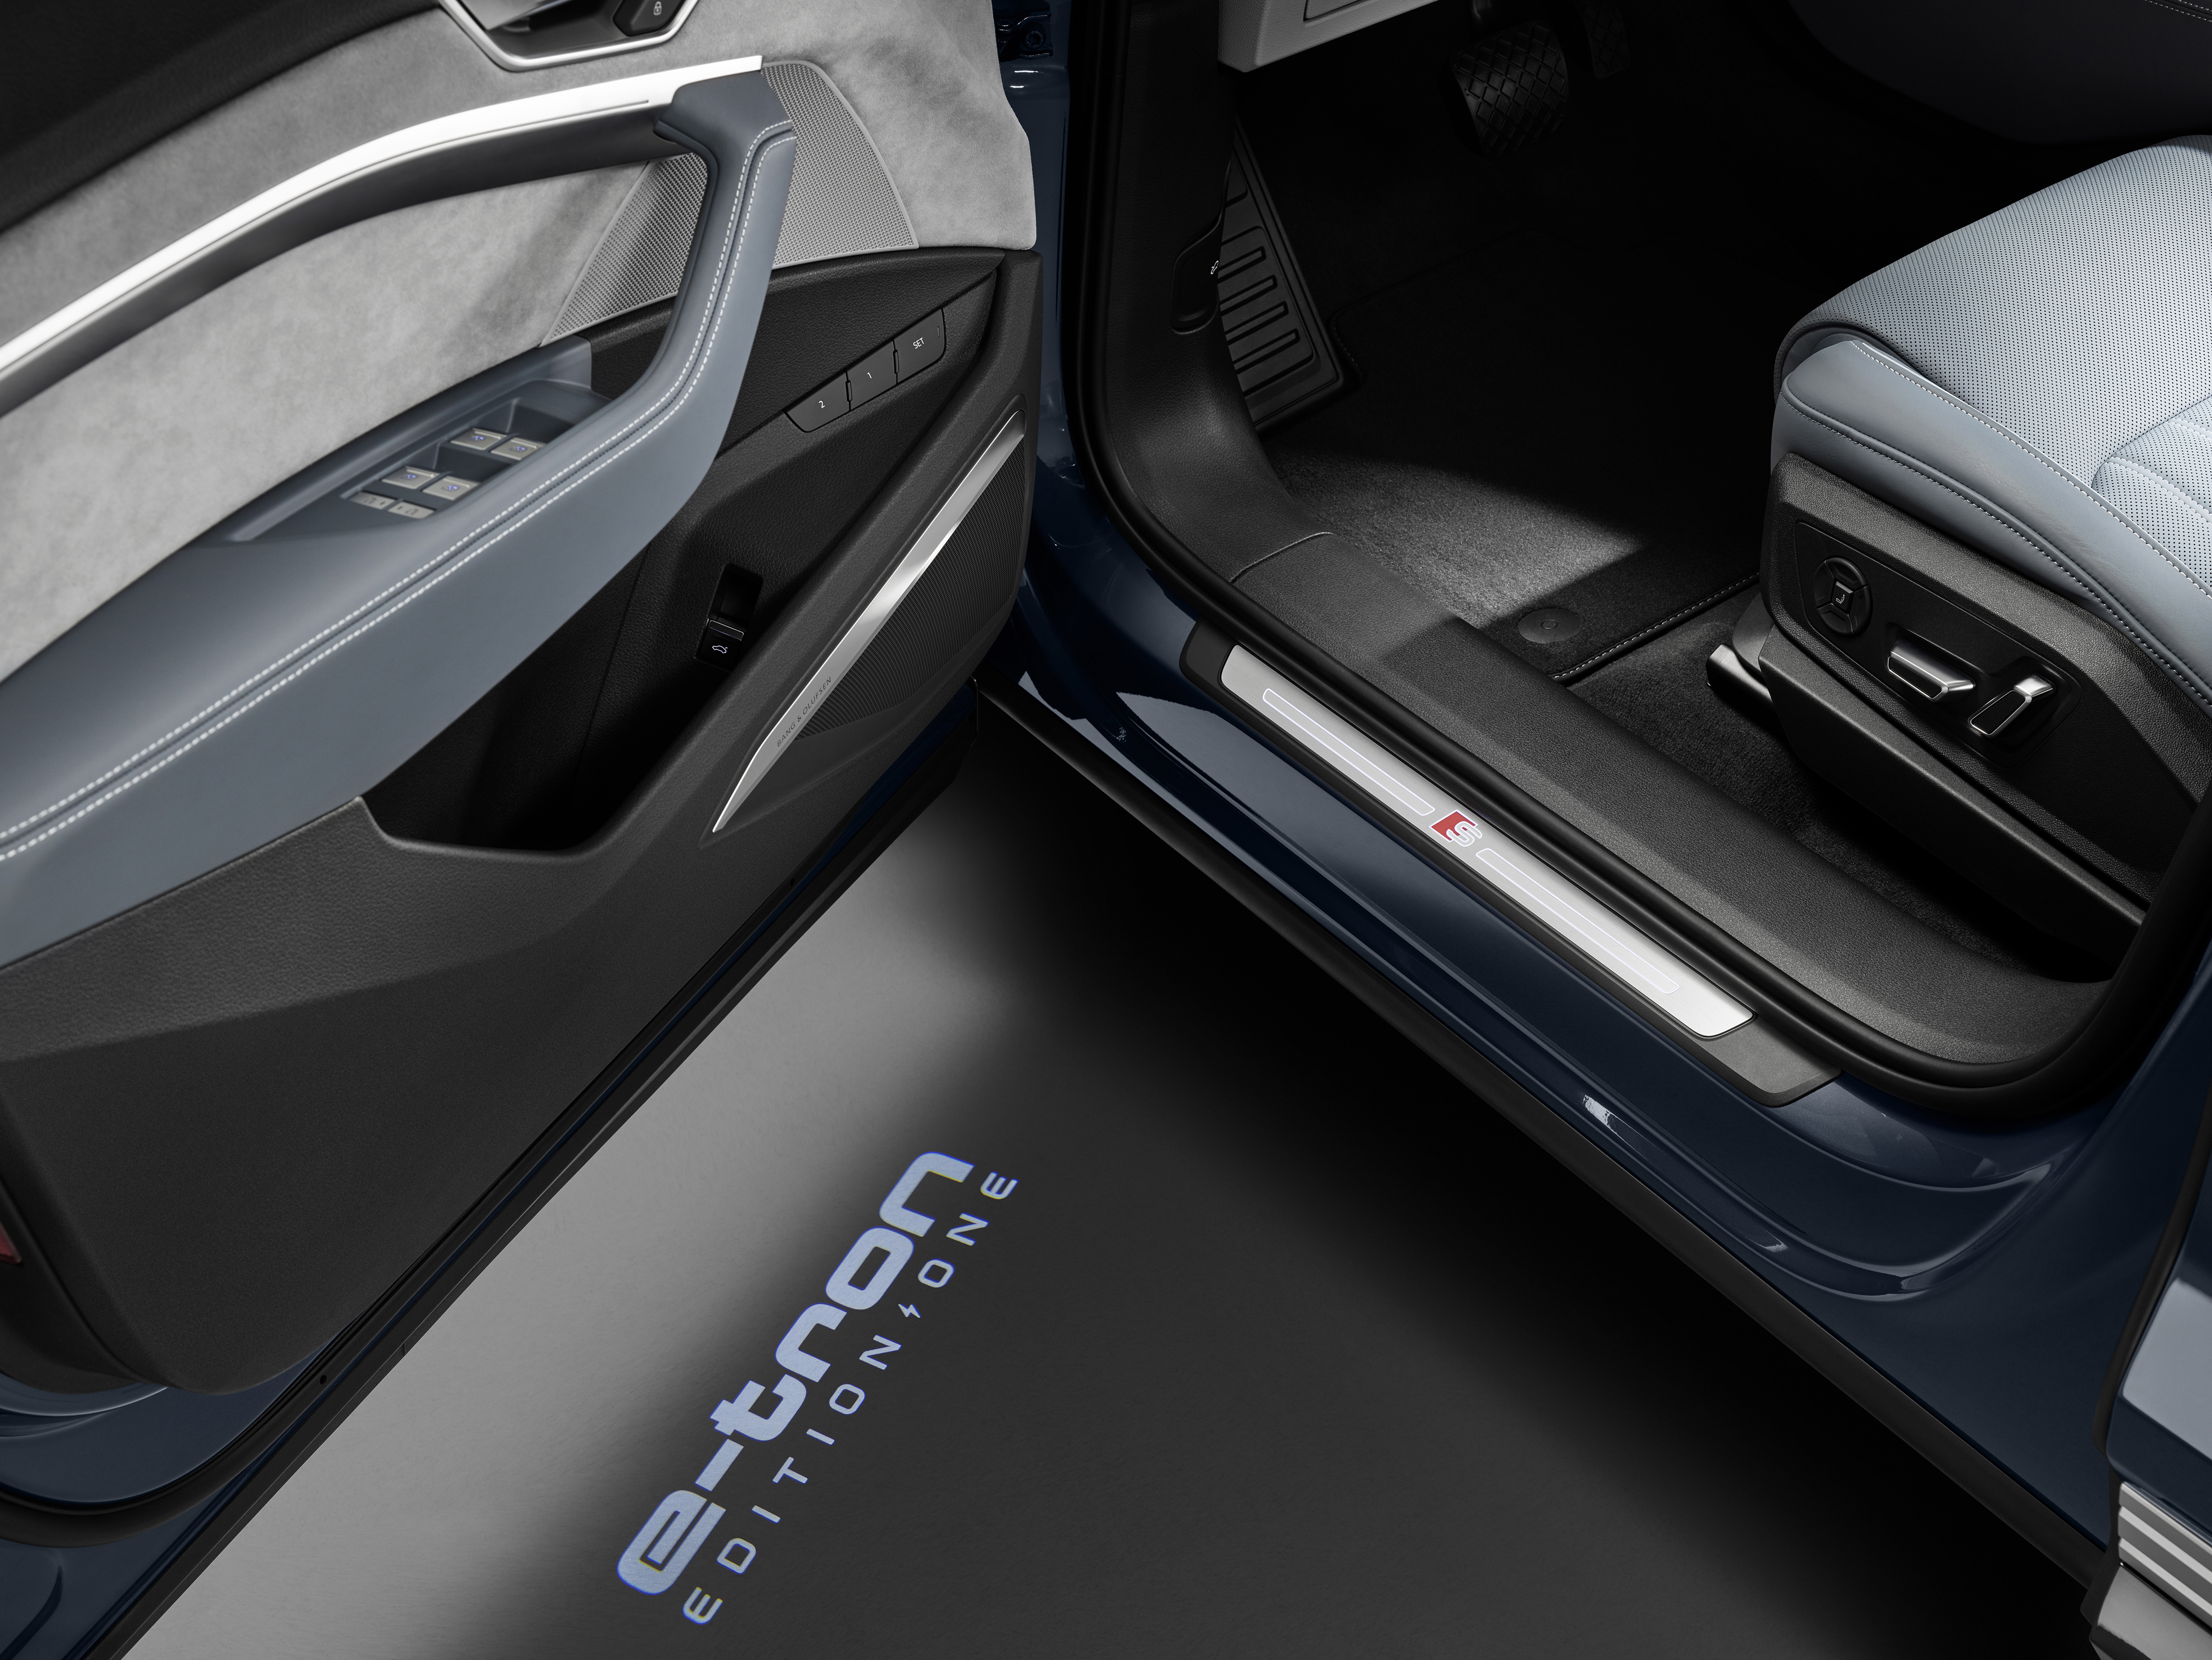 Pour l'édition spéciale «Edition One», la désignation du modèle est projetée comme inscription au sol. (AUDI)